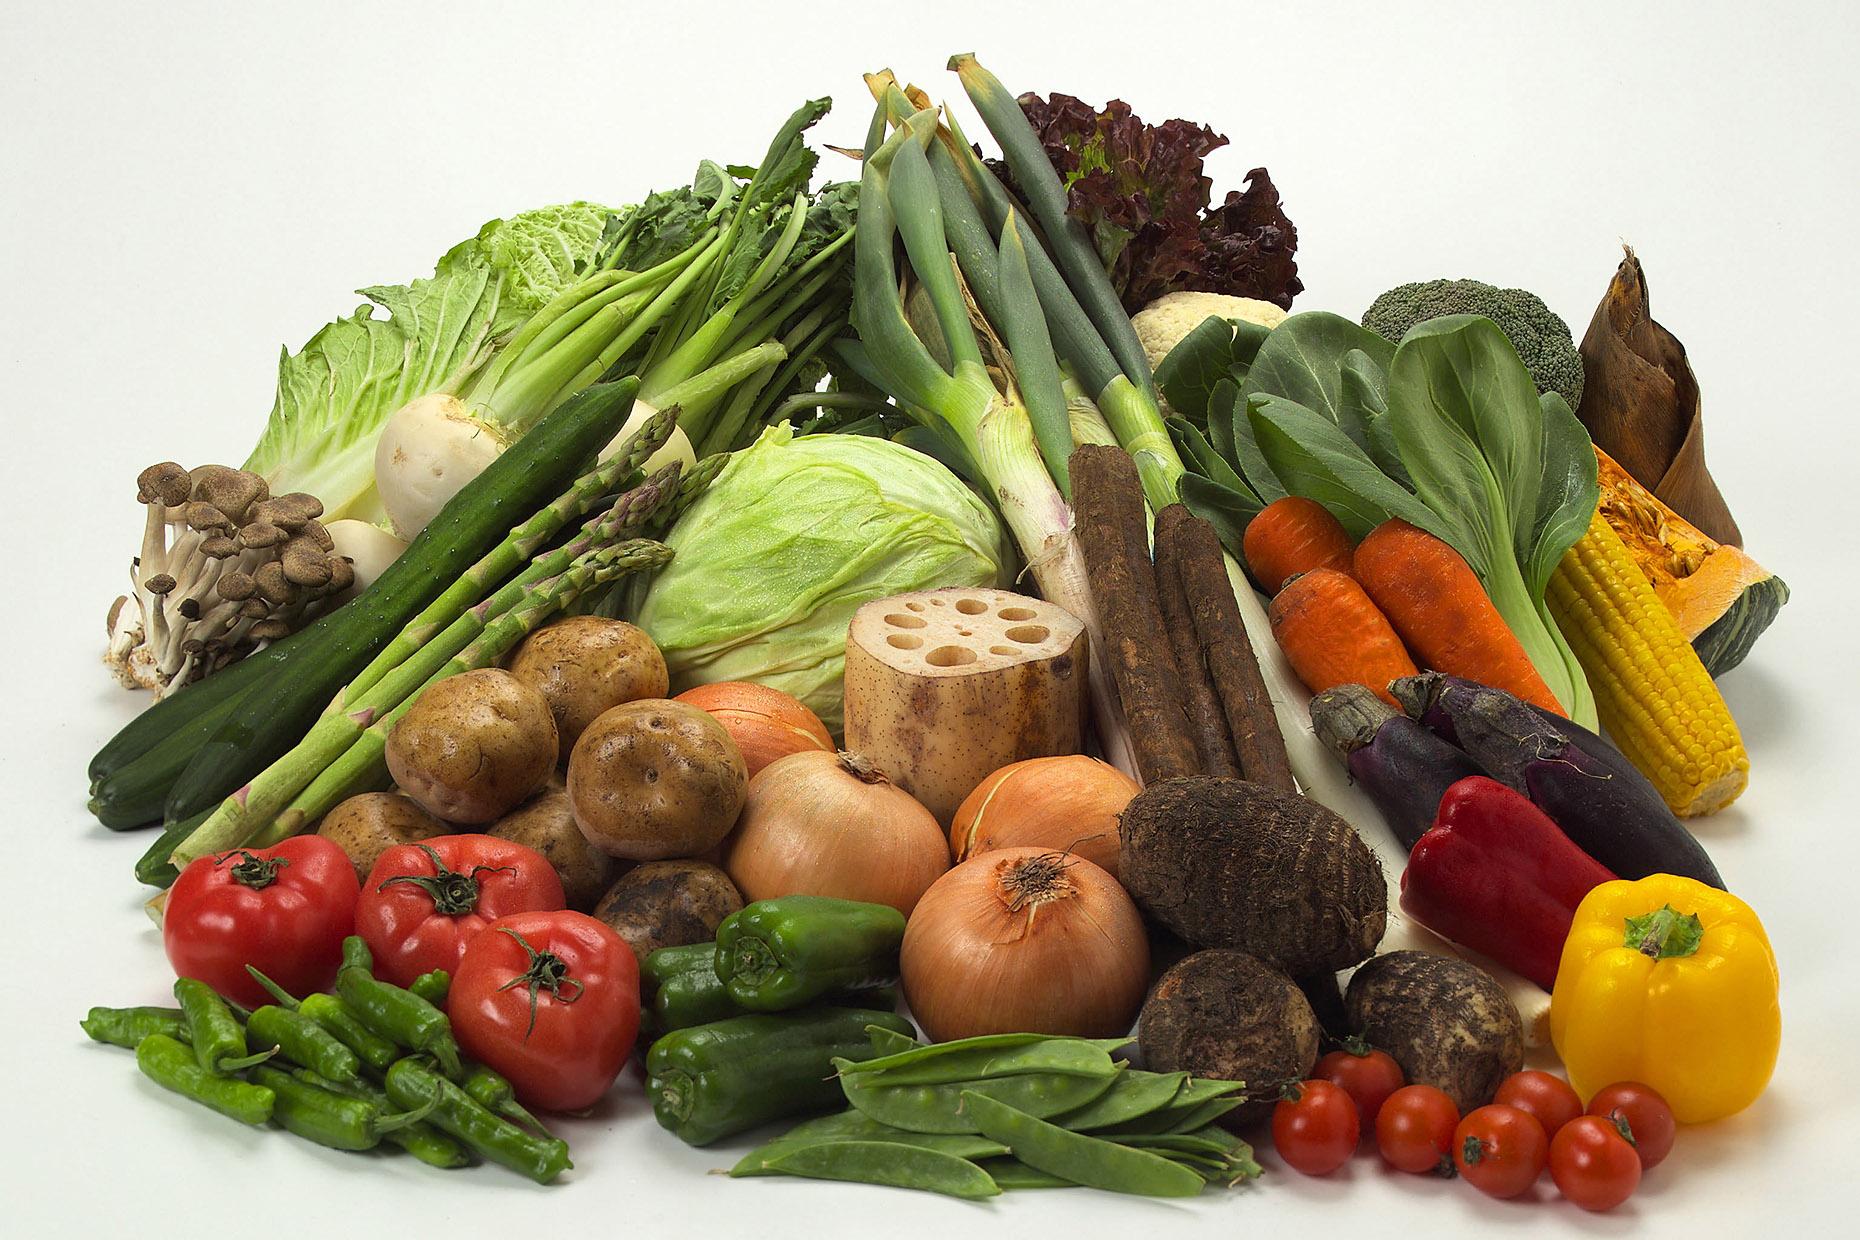 季節にちなんだお野菜